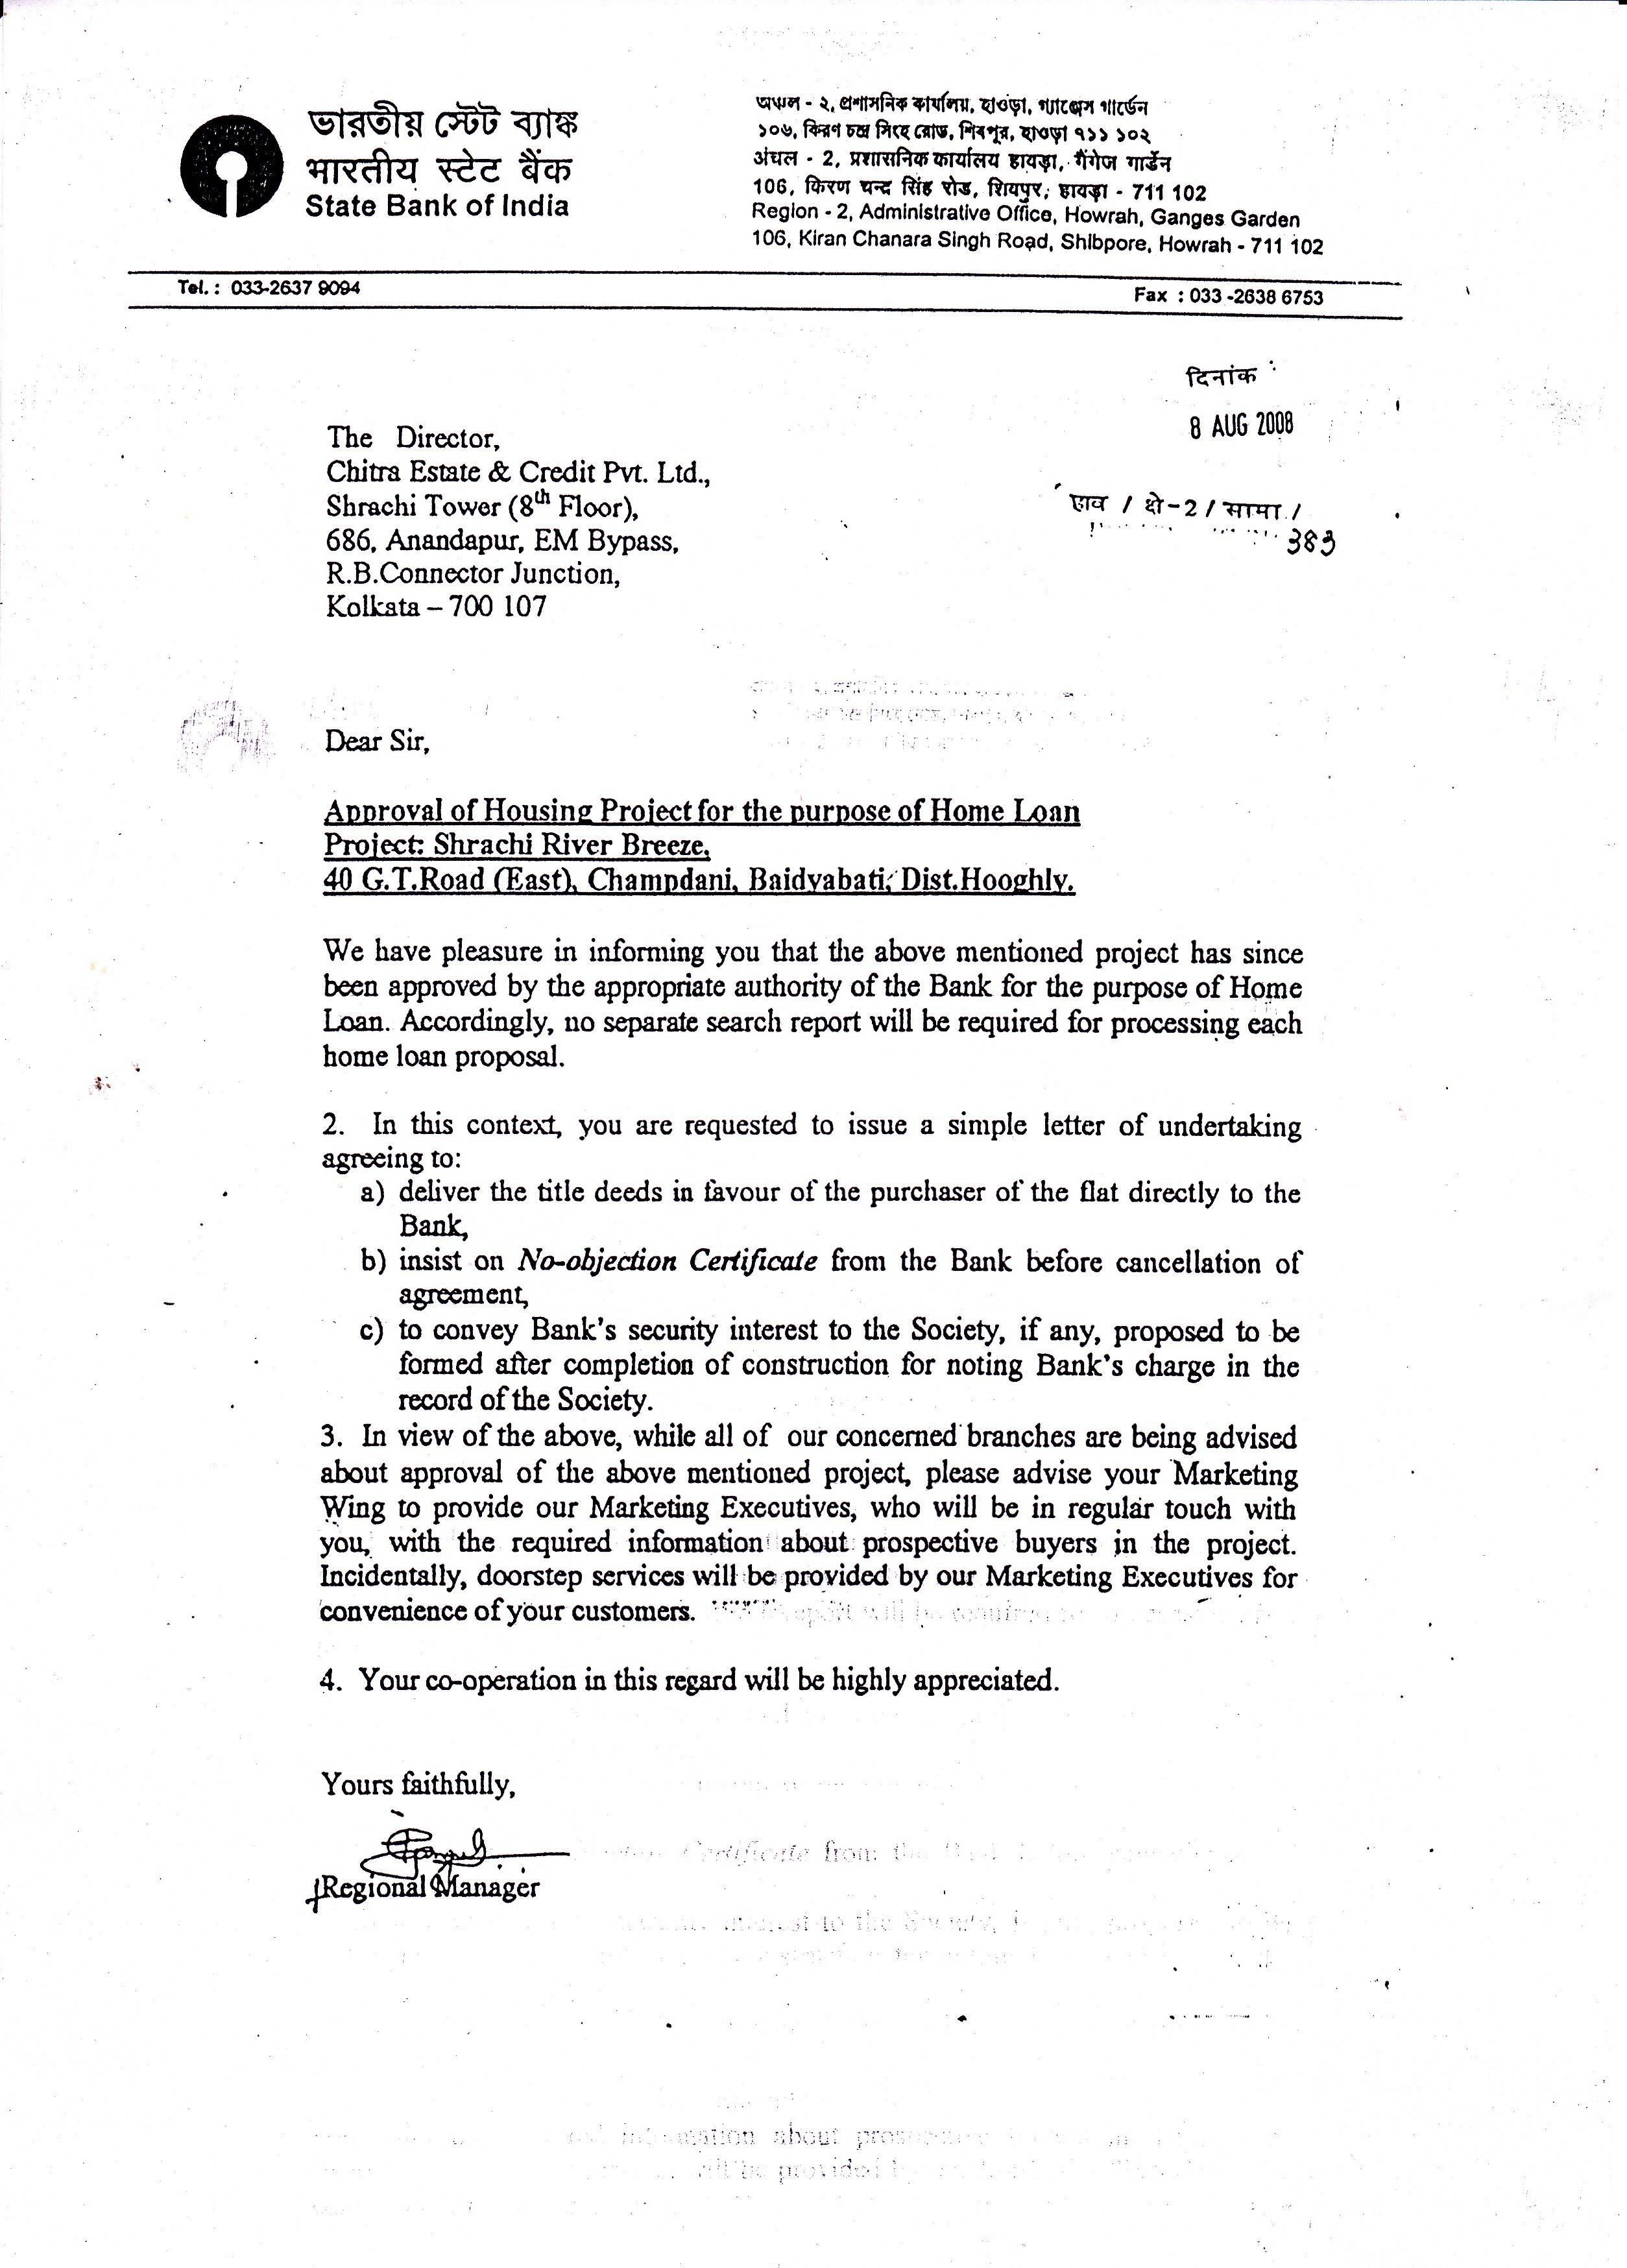 Loan Approval Letter Template